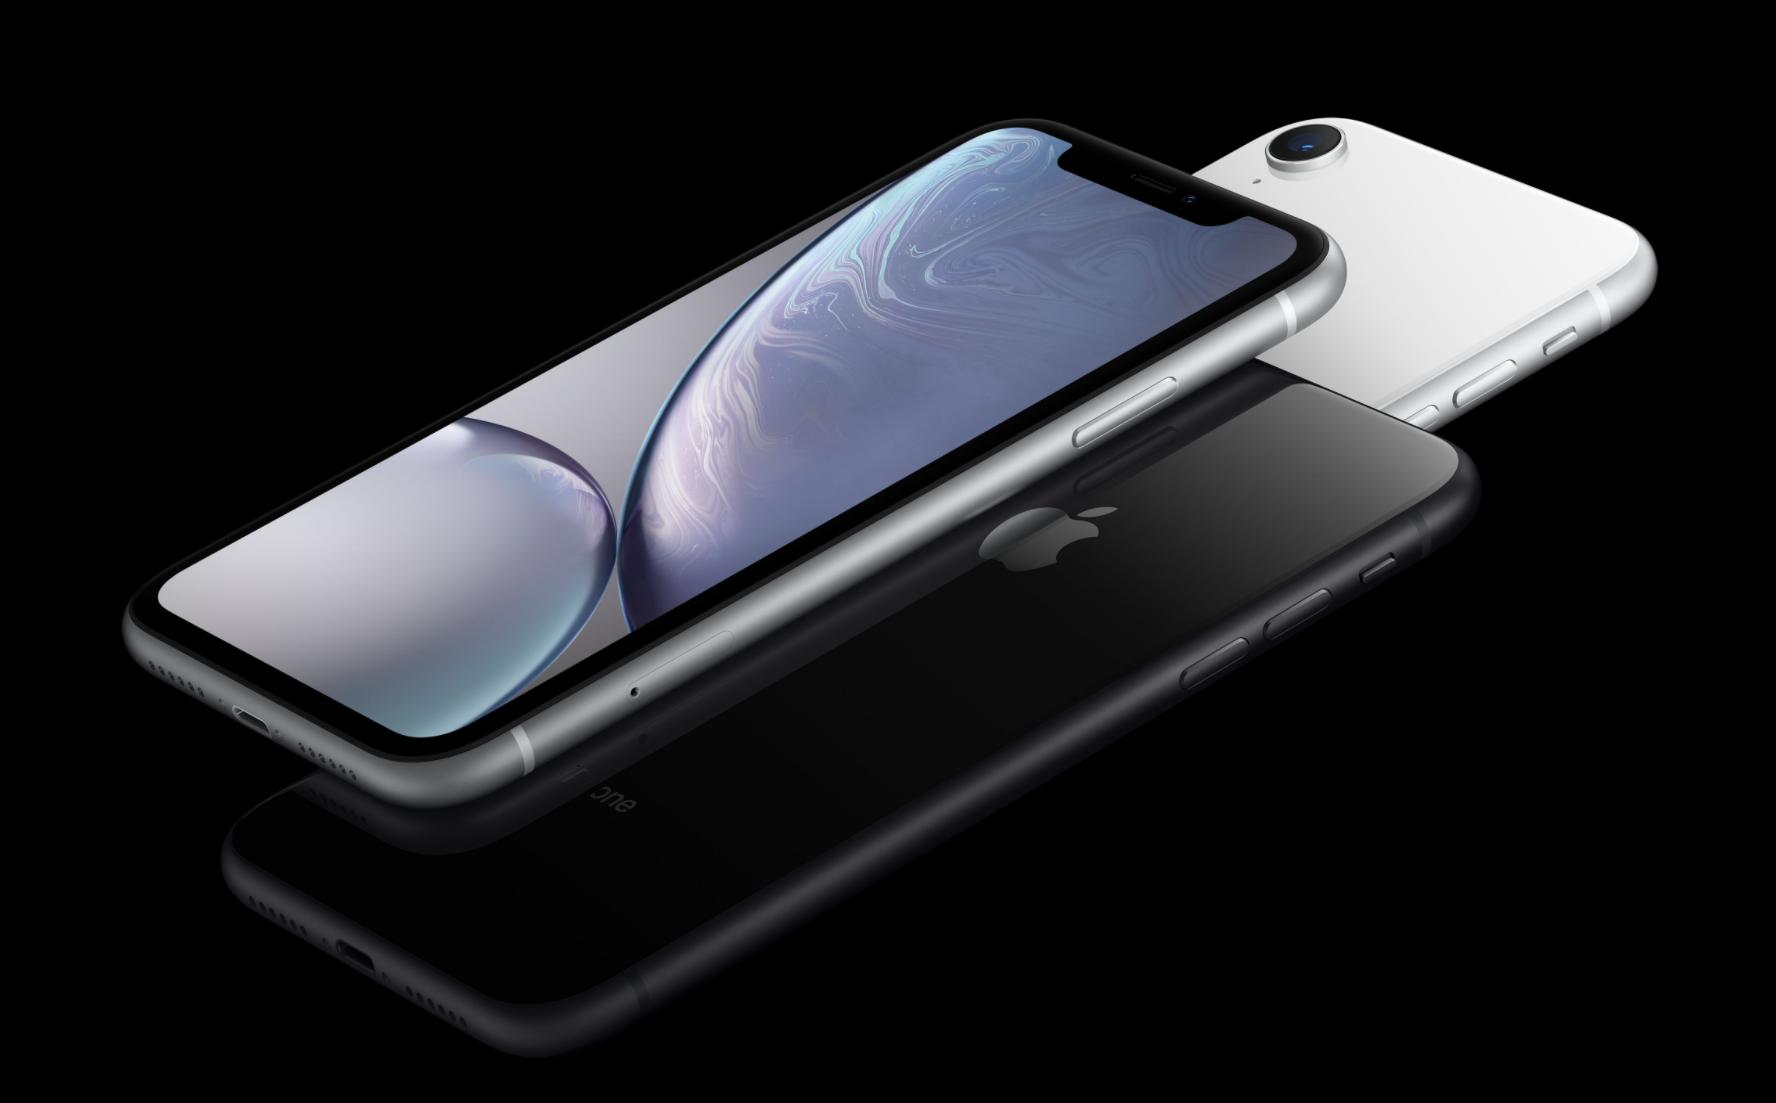 iPhone XR取消附赠充电器/耳机:苹果如此解释